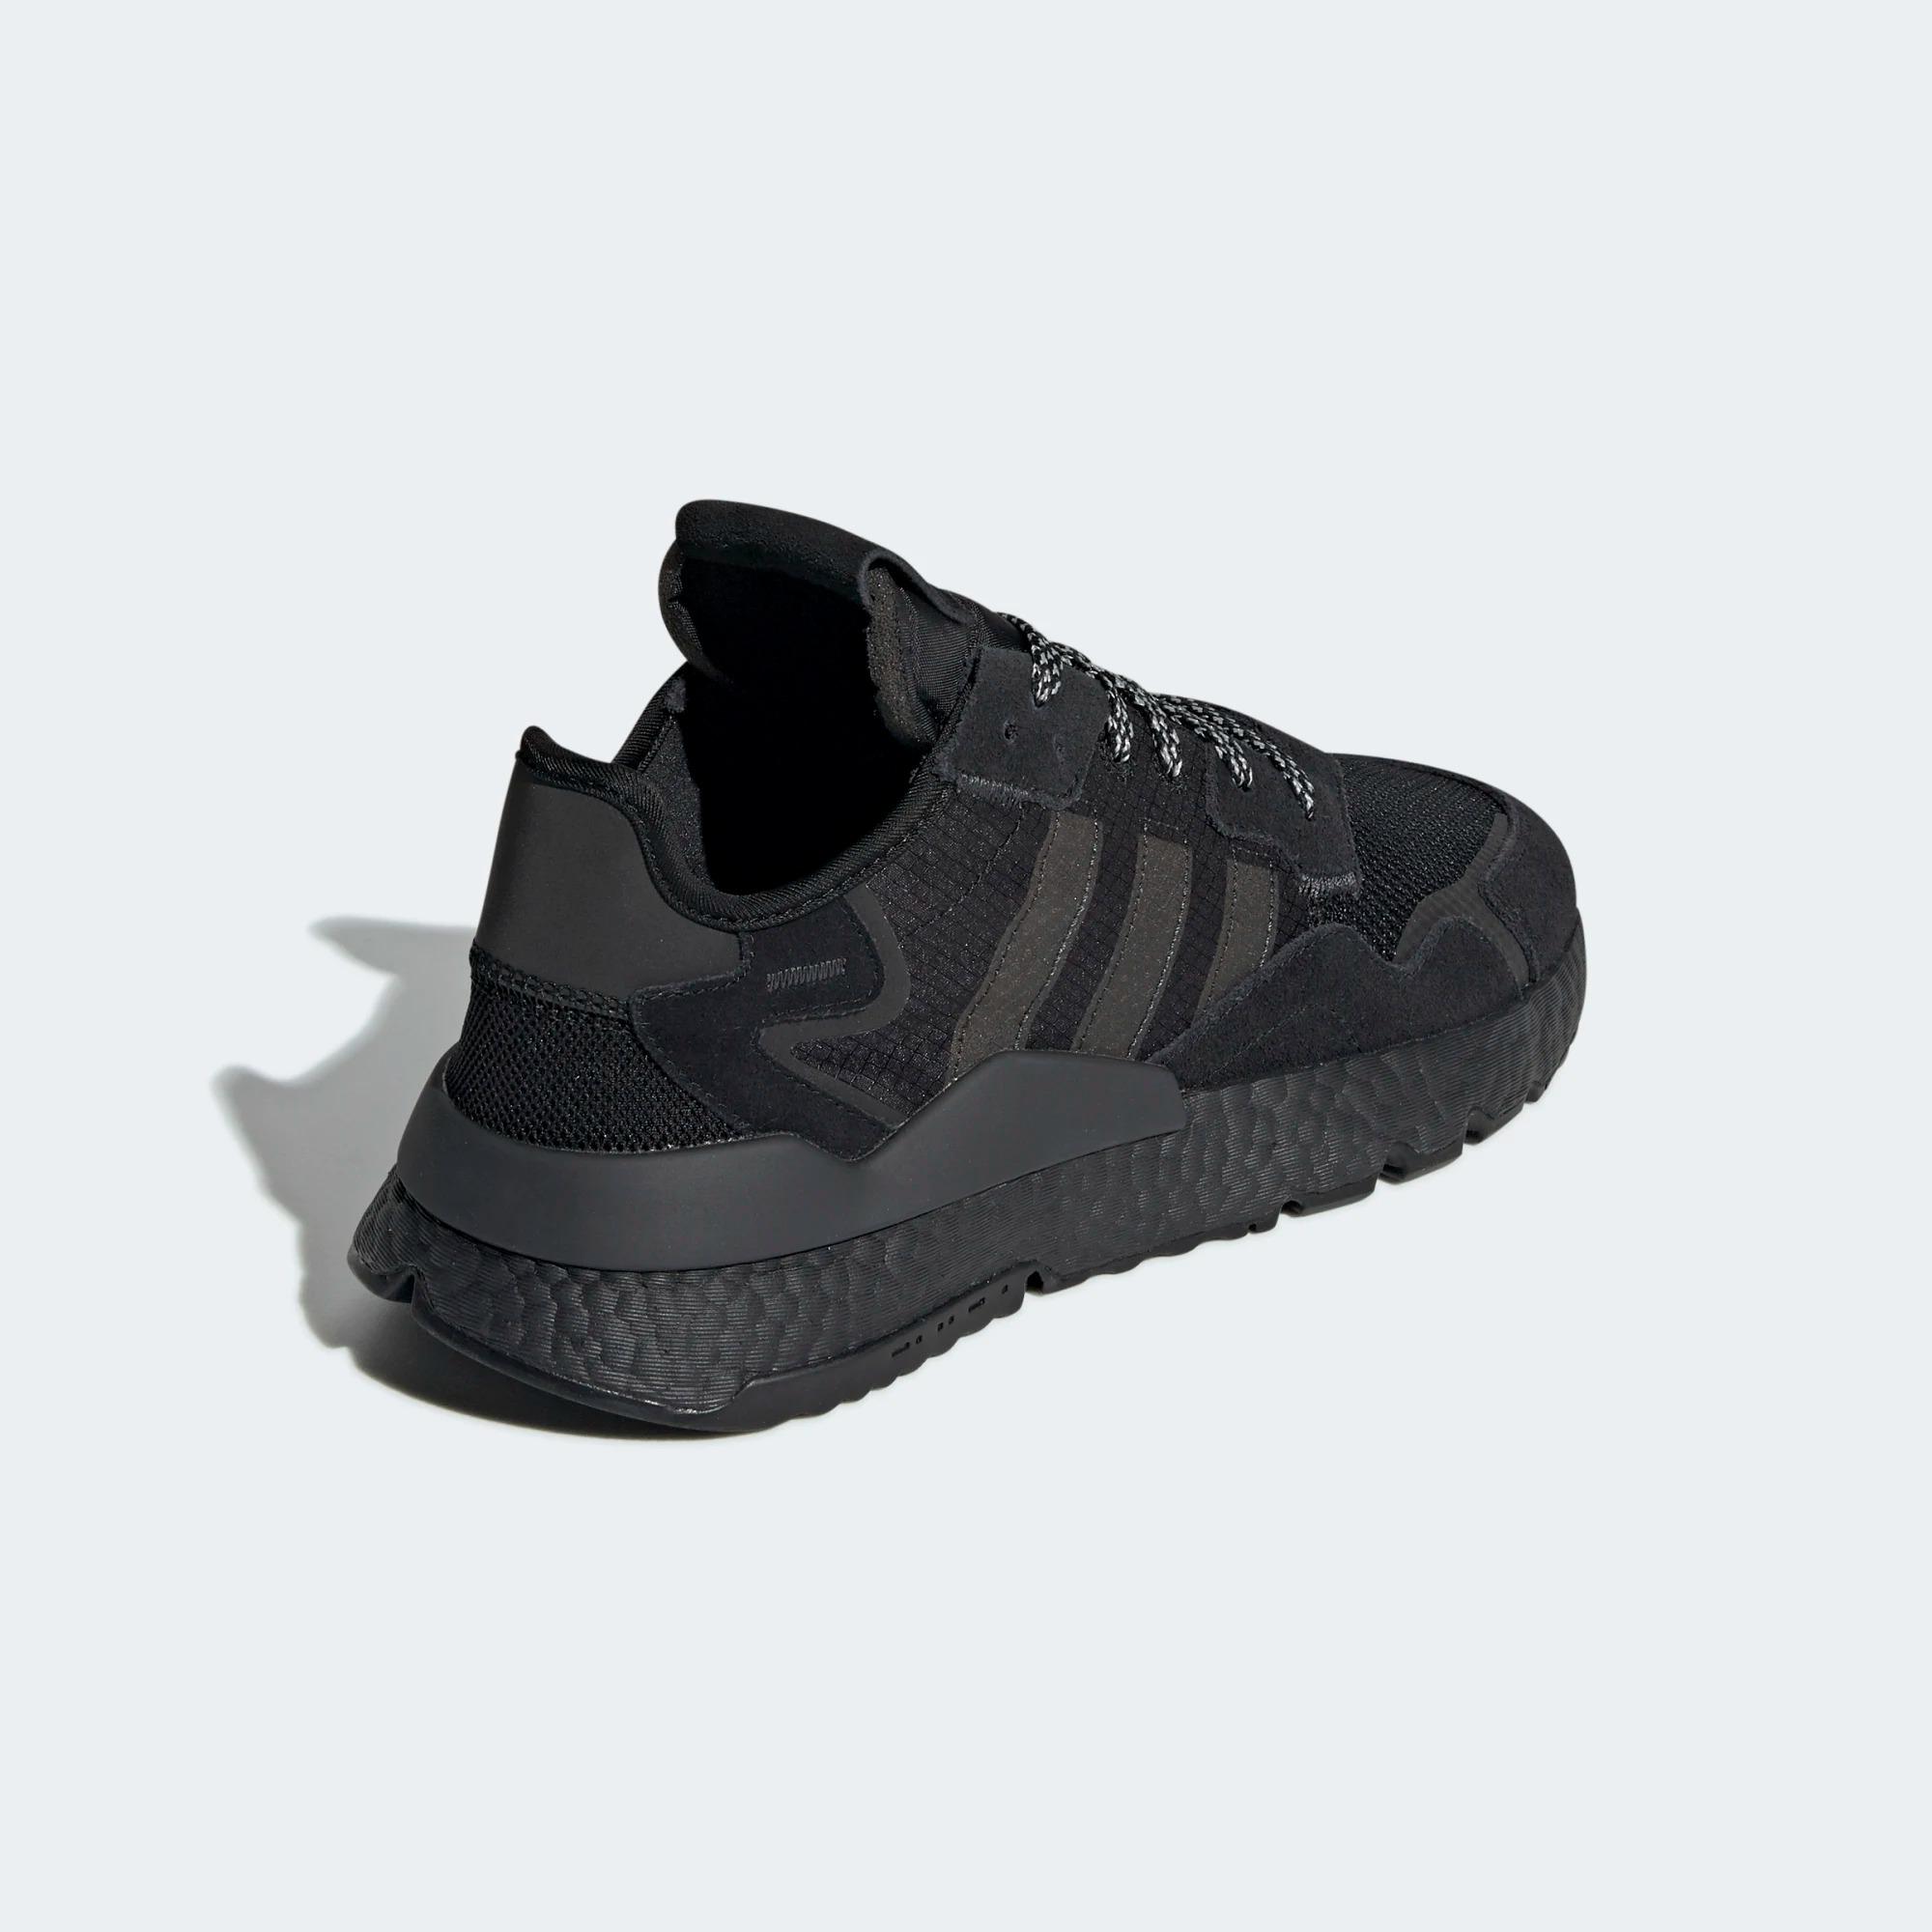 BD7954 adidas Nite Jogger Triple Black 5